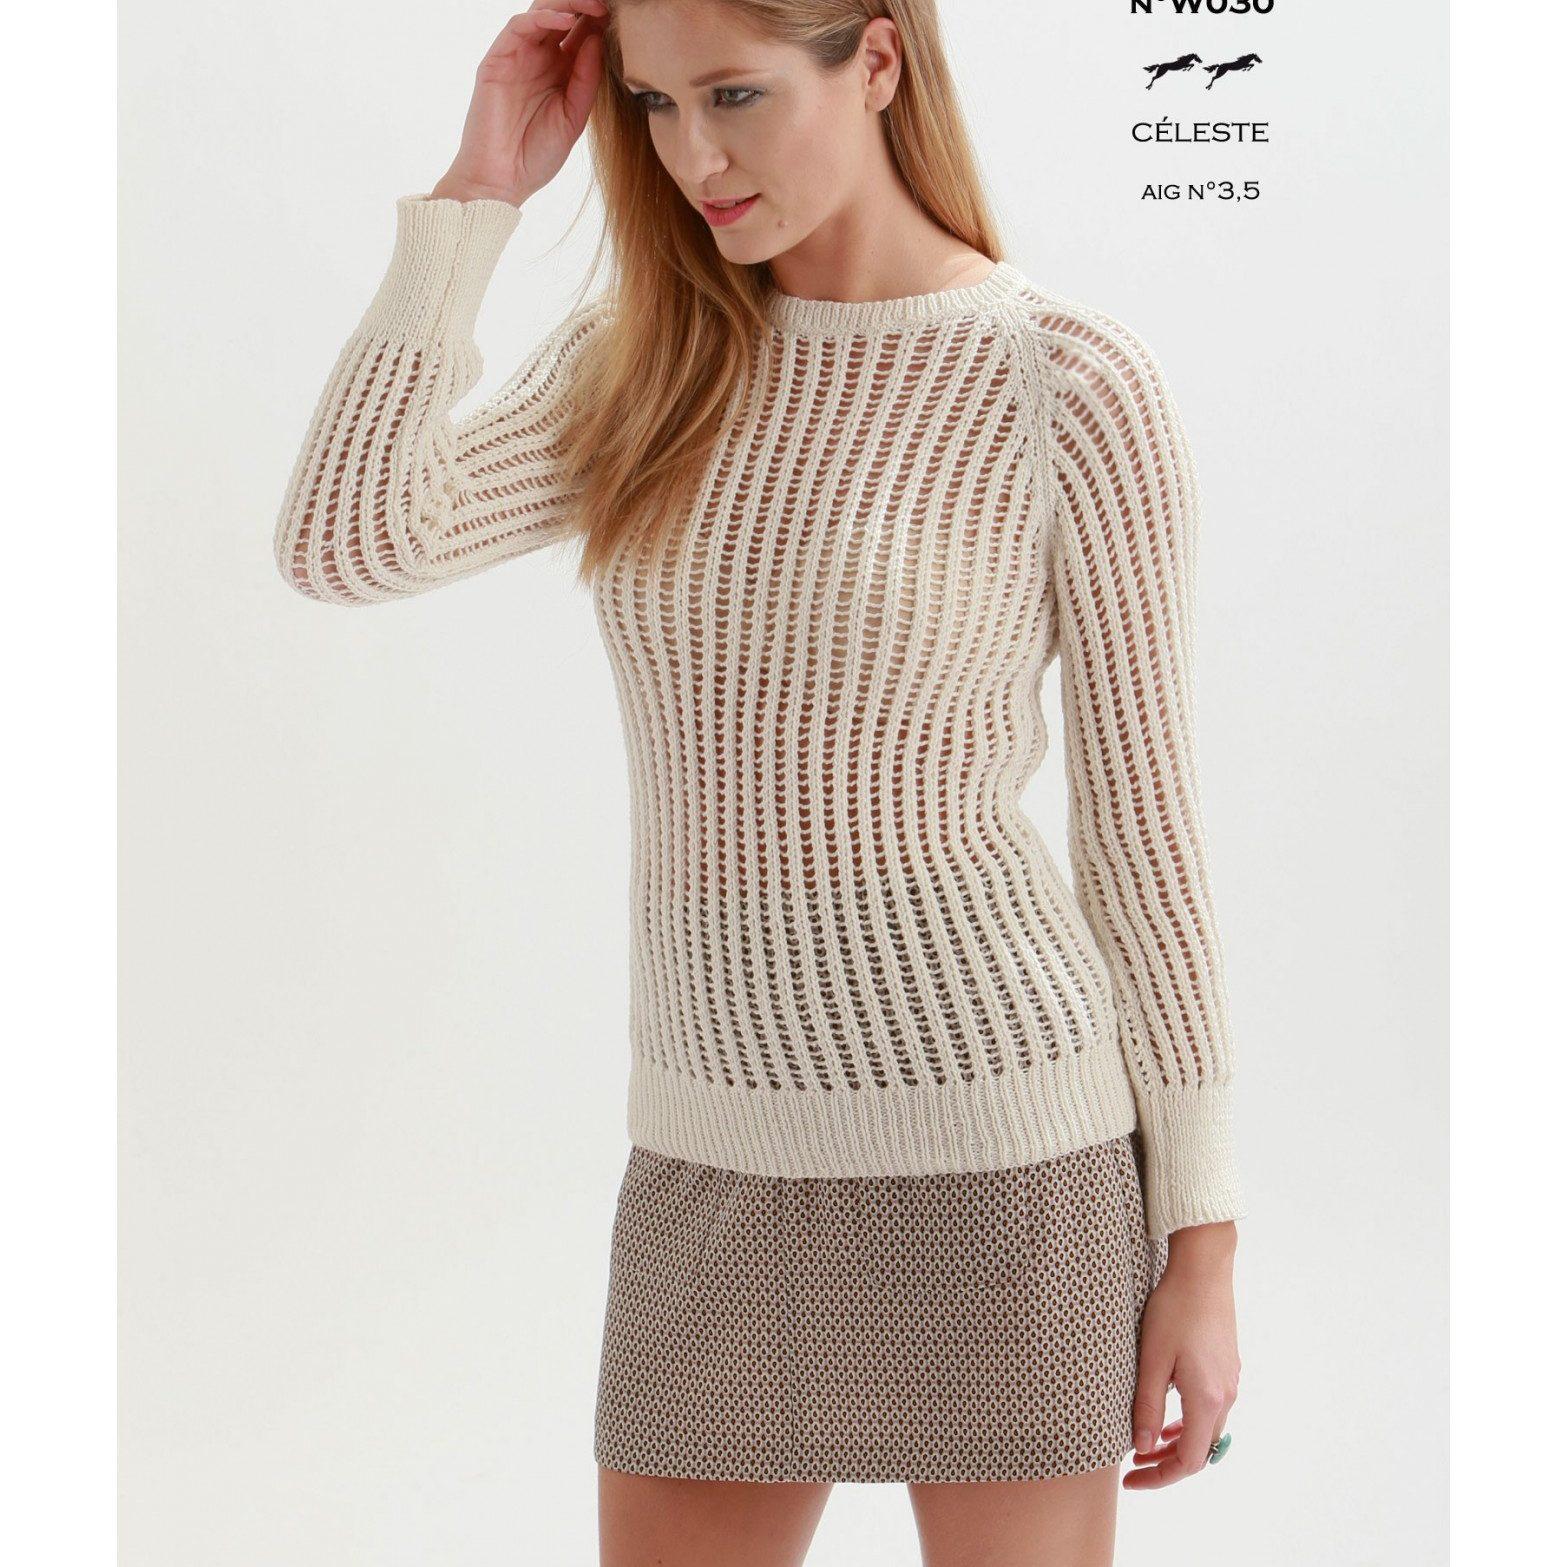 modele-pull-w030-patron-tricot-gratuit